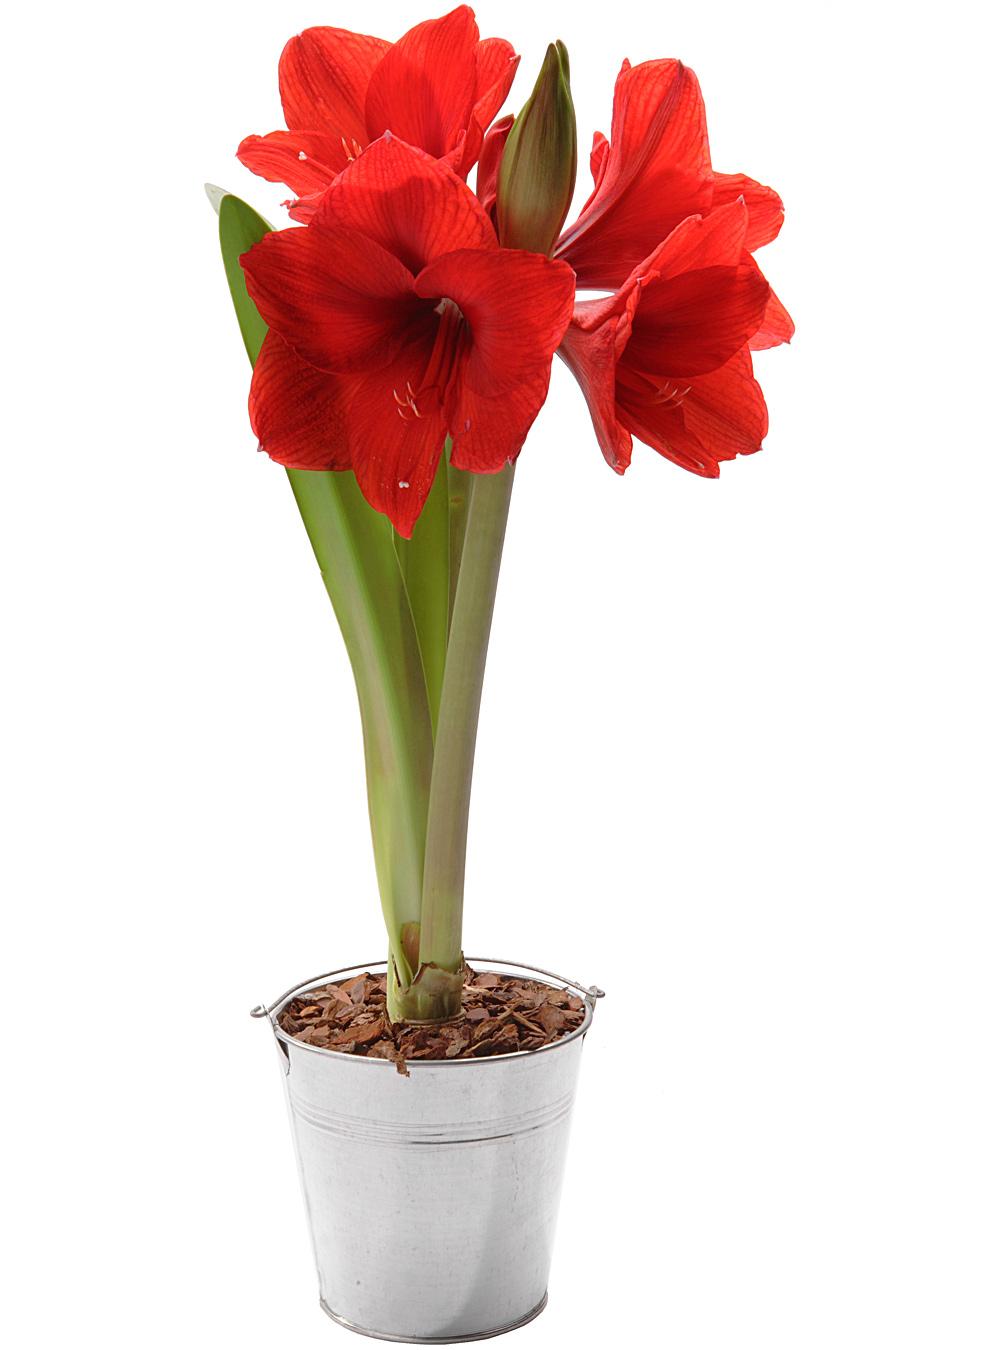 Livraison de fleurs en 4h les plantes fleurs amaryllis for Acheter amaryllis